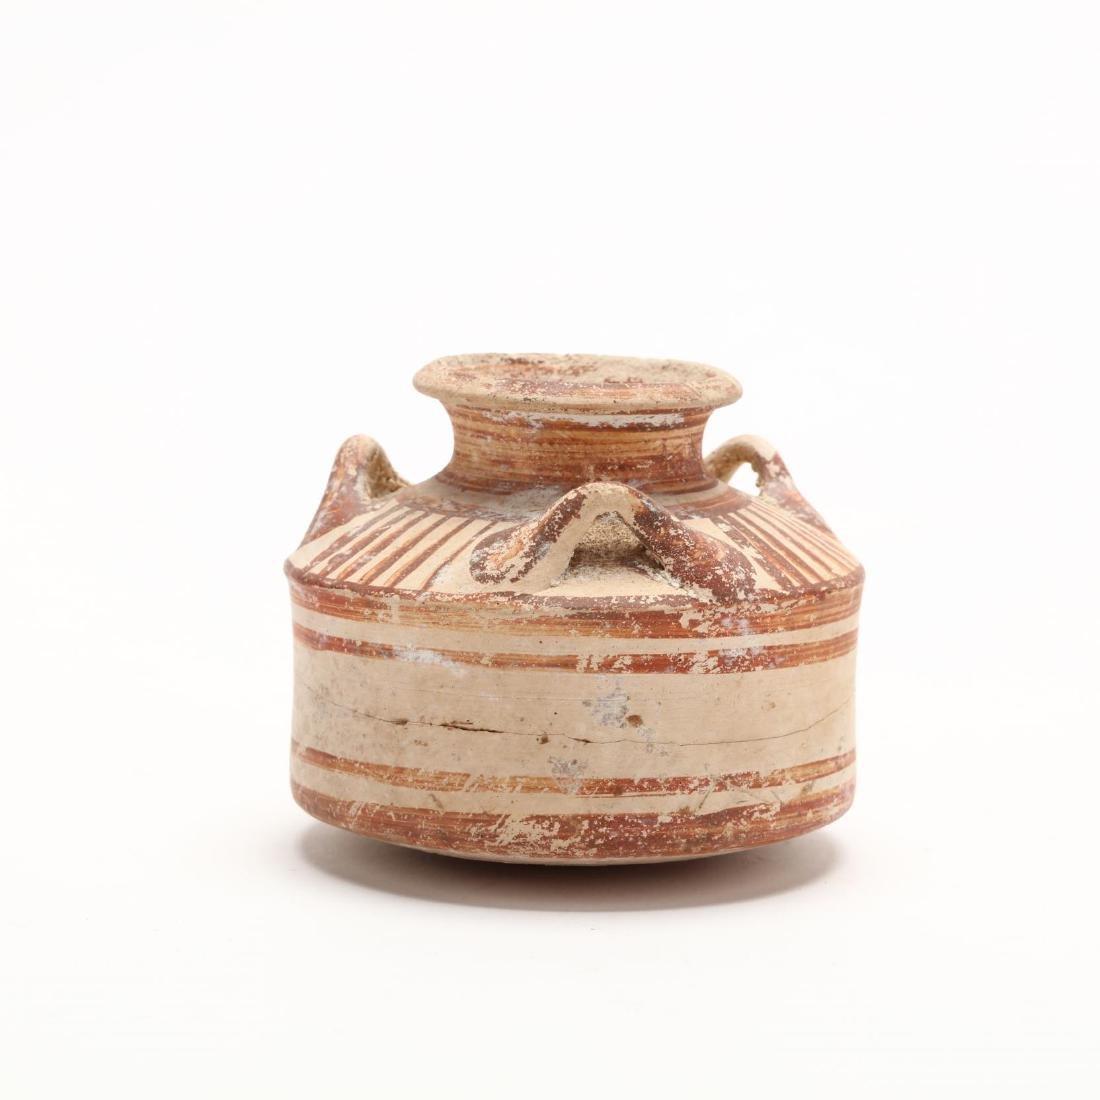 Cypro-Mycenaean Pottery Vessel - 4